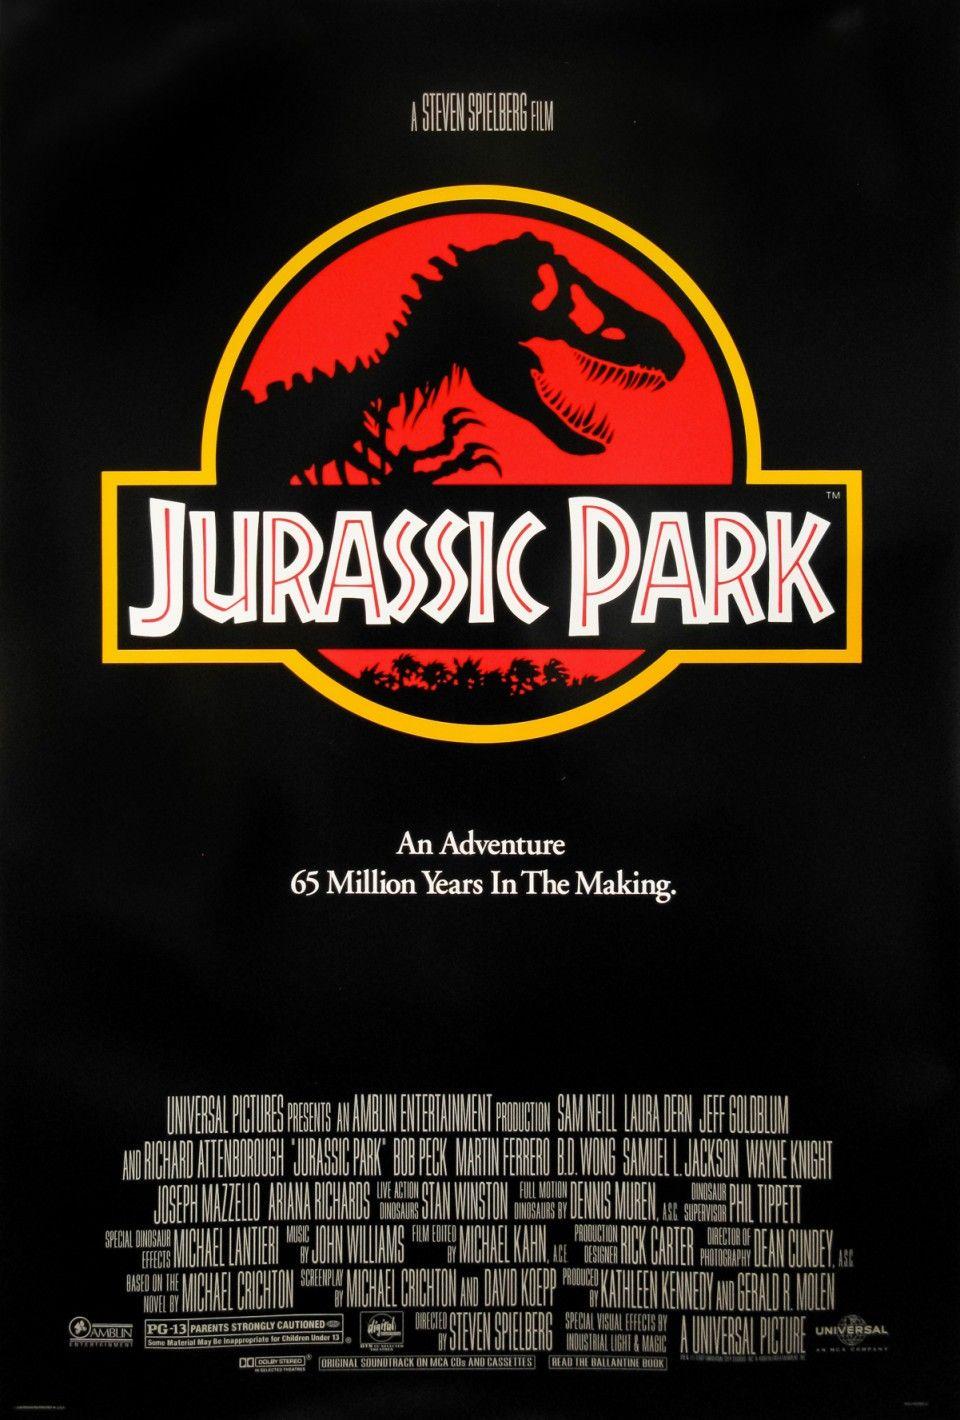 Jurassic World Fallen Kingdom Movie Poster 8x10 11x17 16x20 22x28 24x36 27x40 A